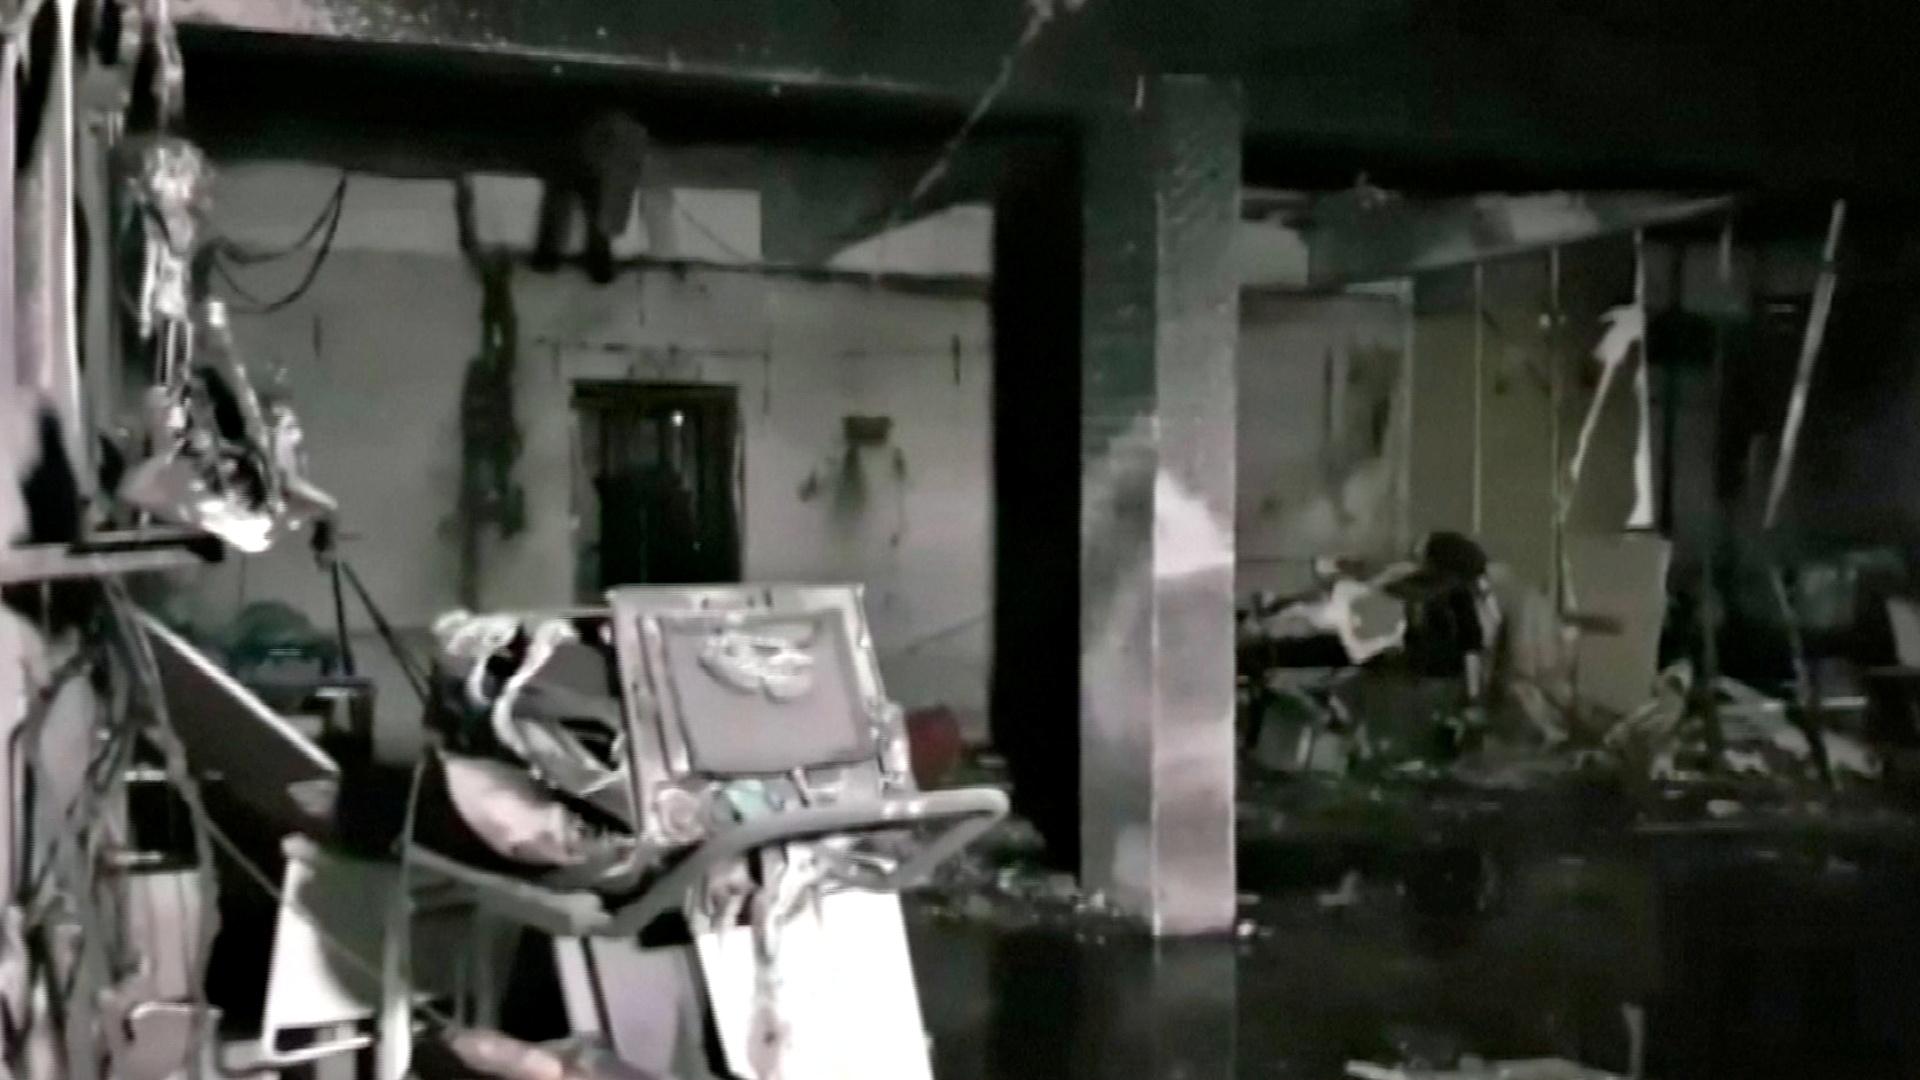 Ινδία: Φωτιά σε ΜΕΘ covid νοσοκομείου – Κάηκαν ζωντανοί 16 ασθενείς (pics)